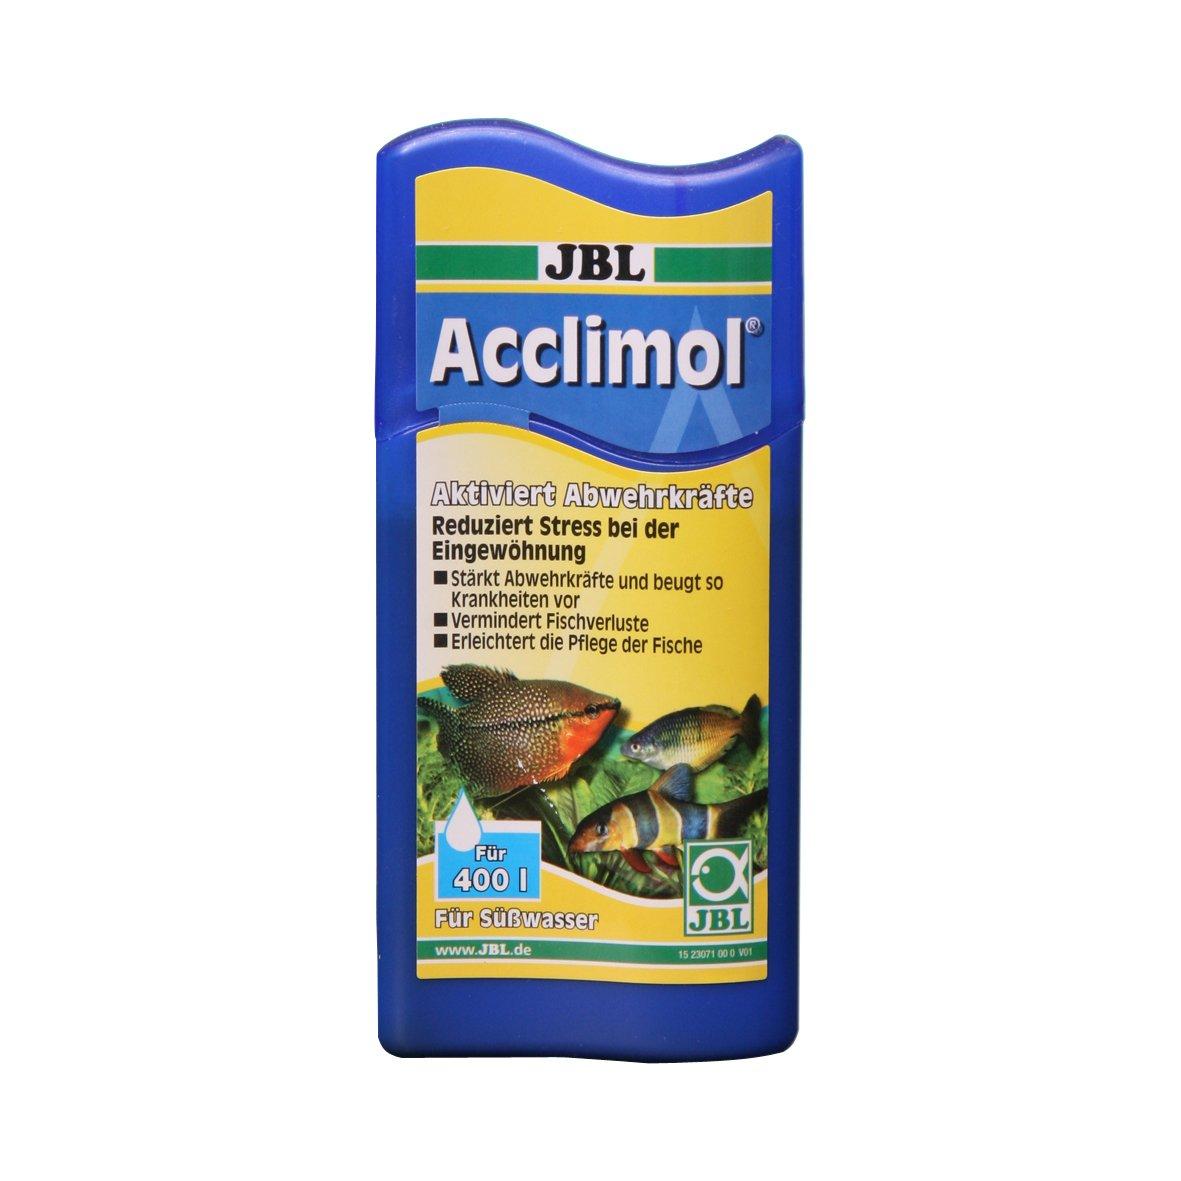 JBL Acclimol 5 l (pour 20000 l), Conditionneur d'eau pour l'acclimatation des poissons en aquarium d'eau douce 2005600